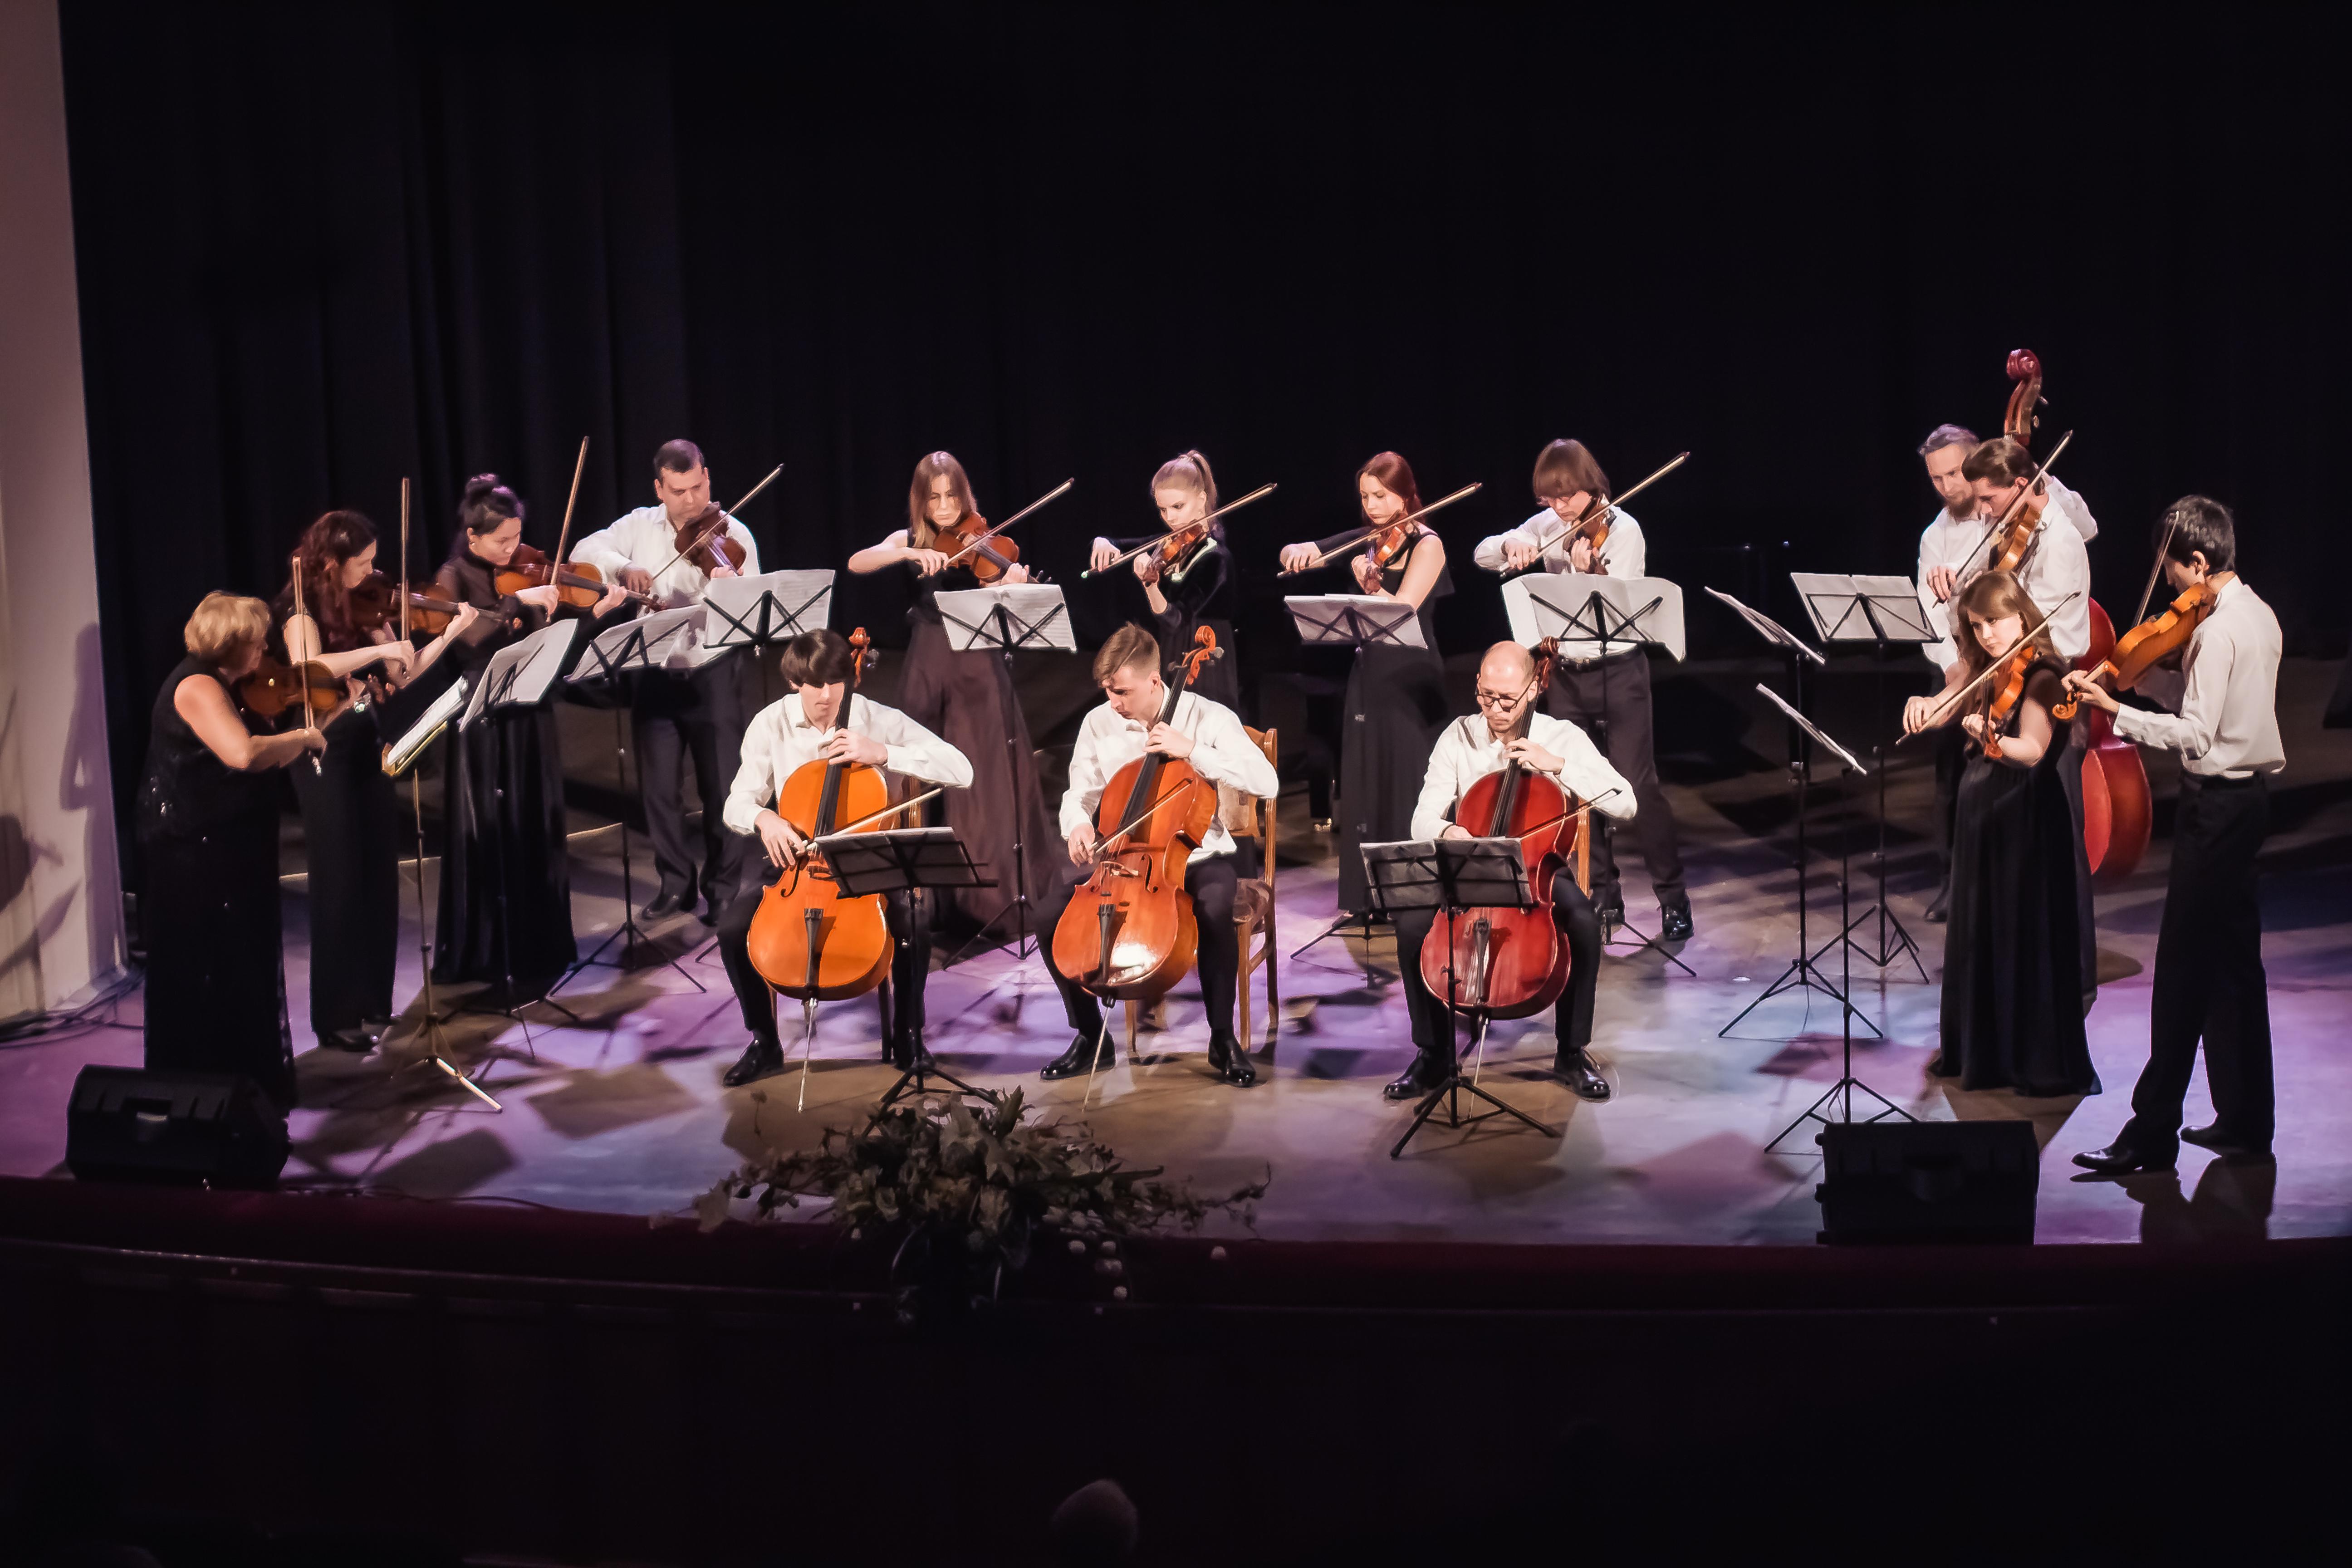 «Твой концерт с оркестром» – новый проект муниципального камерного оркестра «Блестящие смычки»